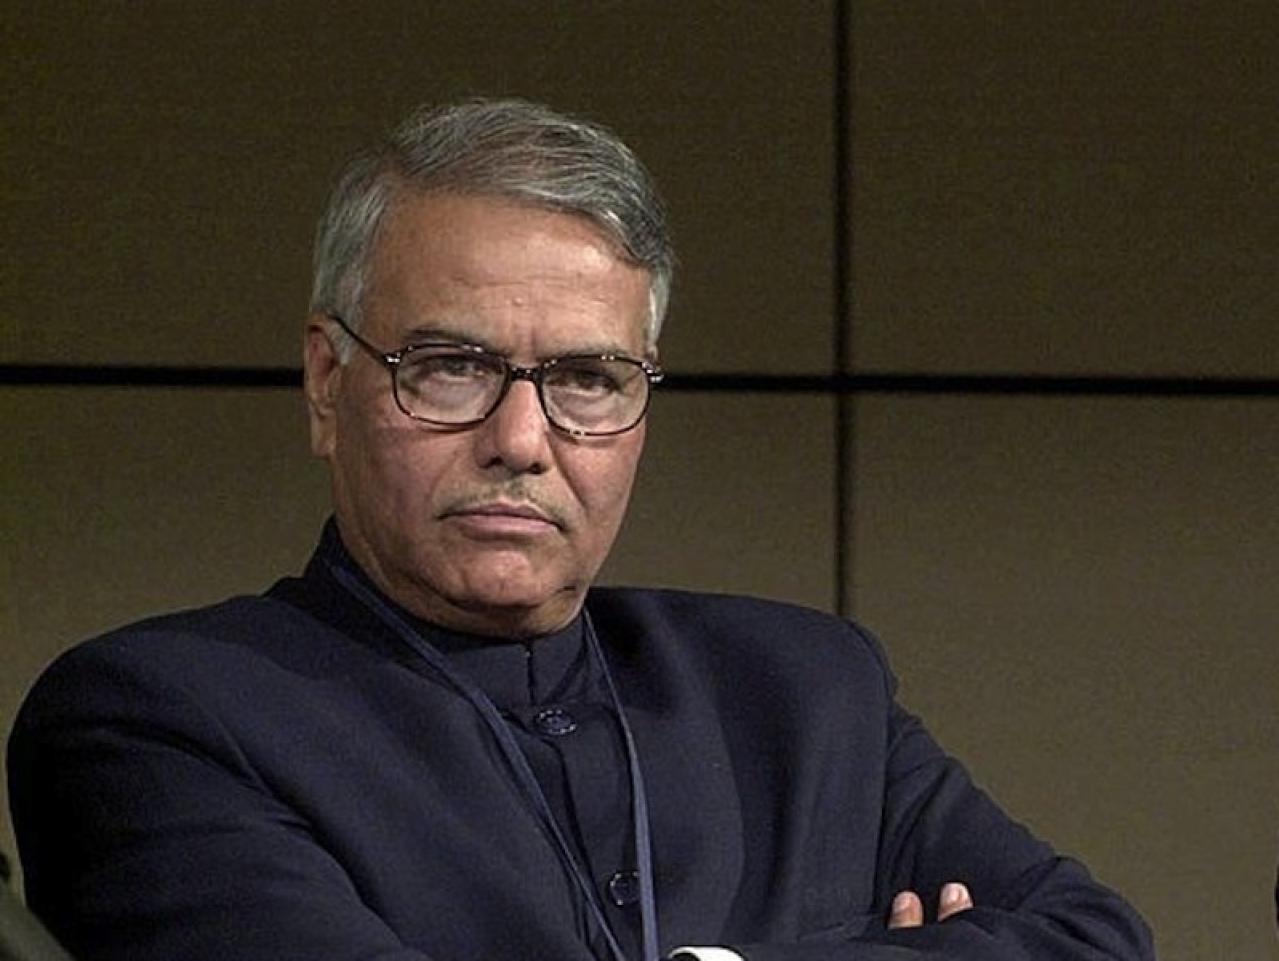 Yashwant Sinha (LESLIE E. KOSSOFF/AFP/Getty Images)